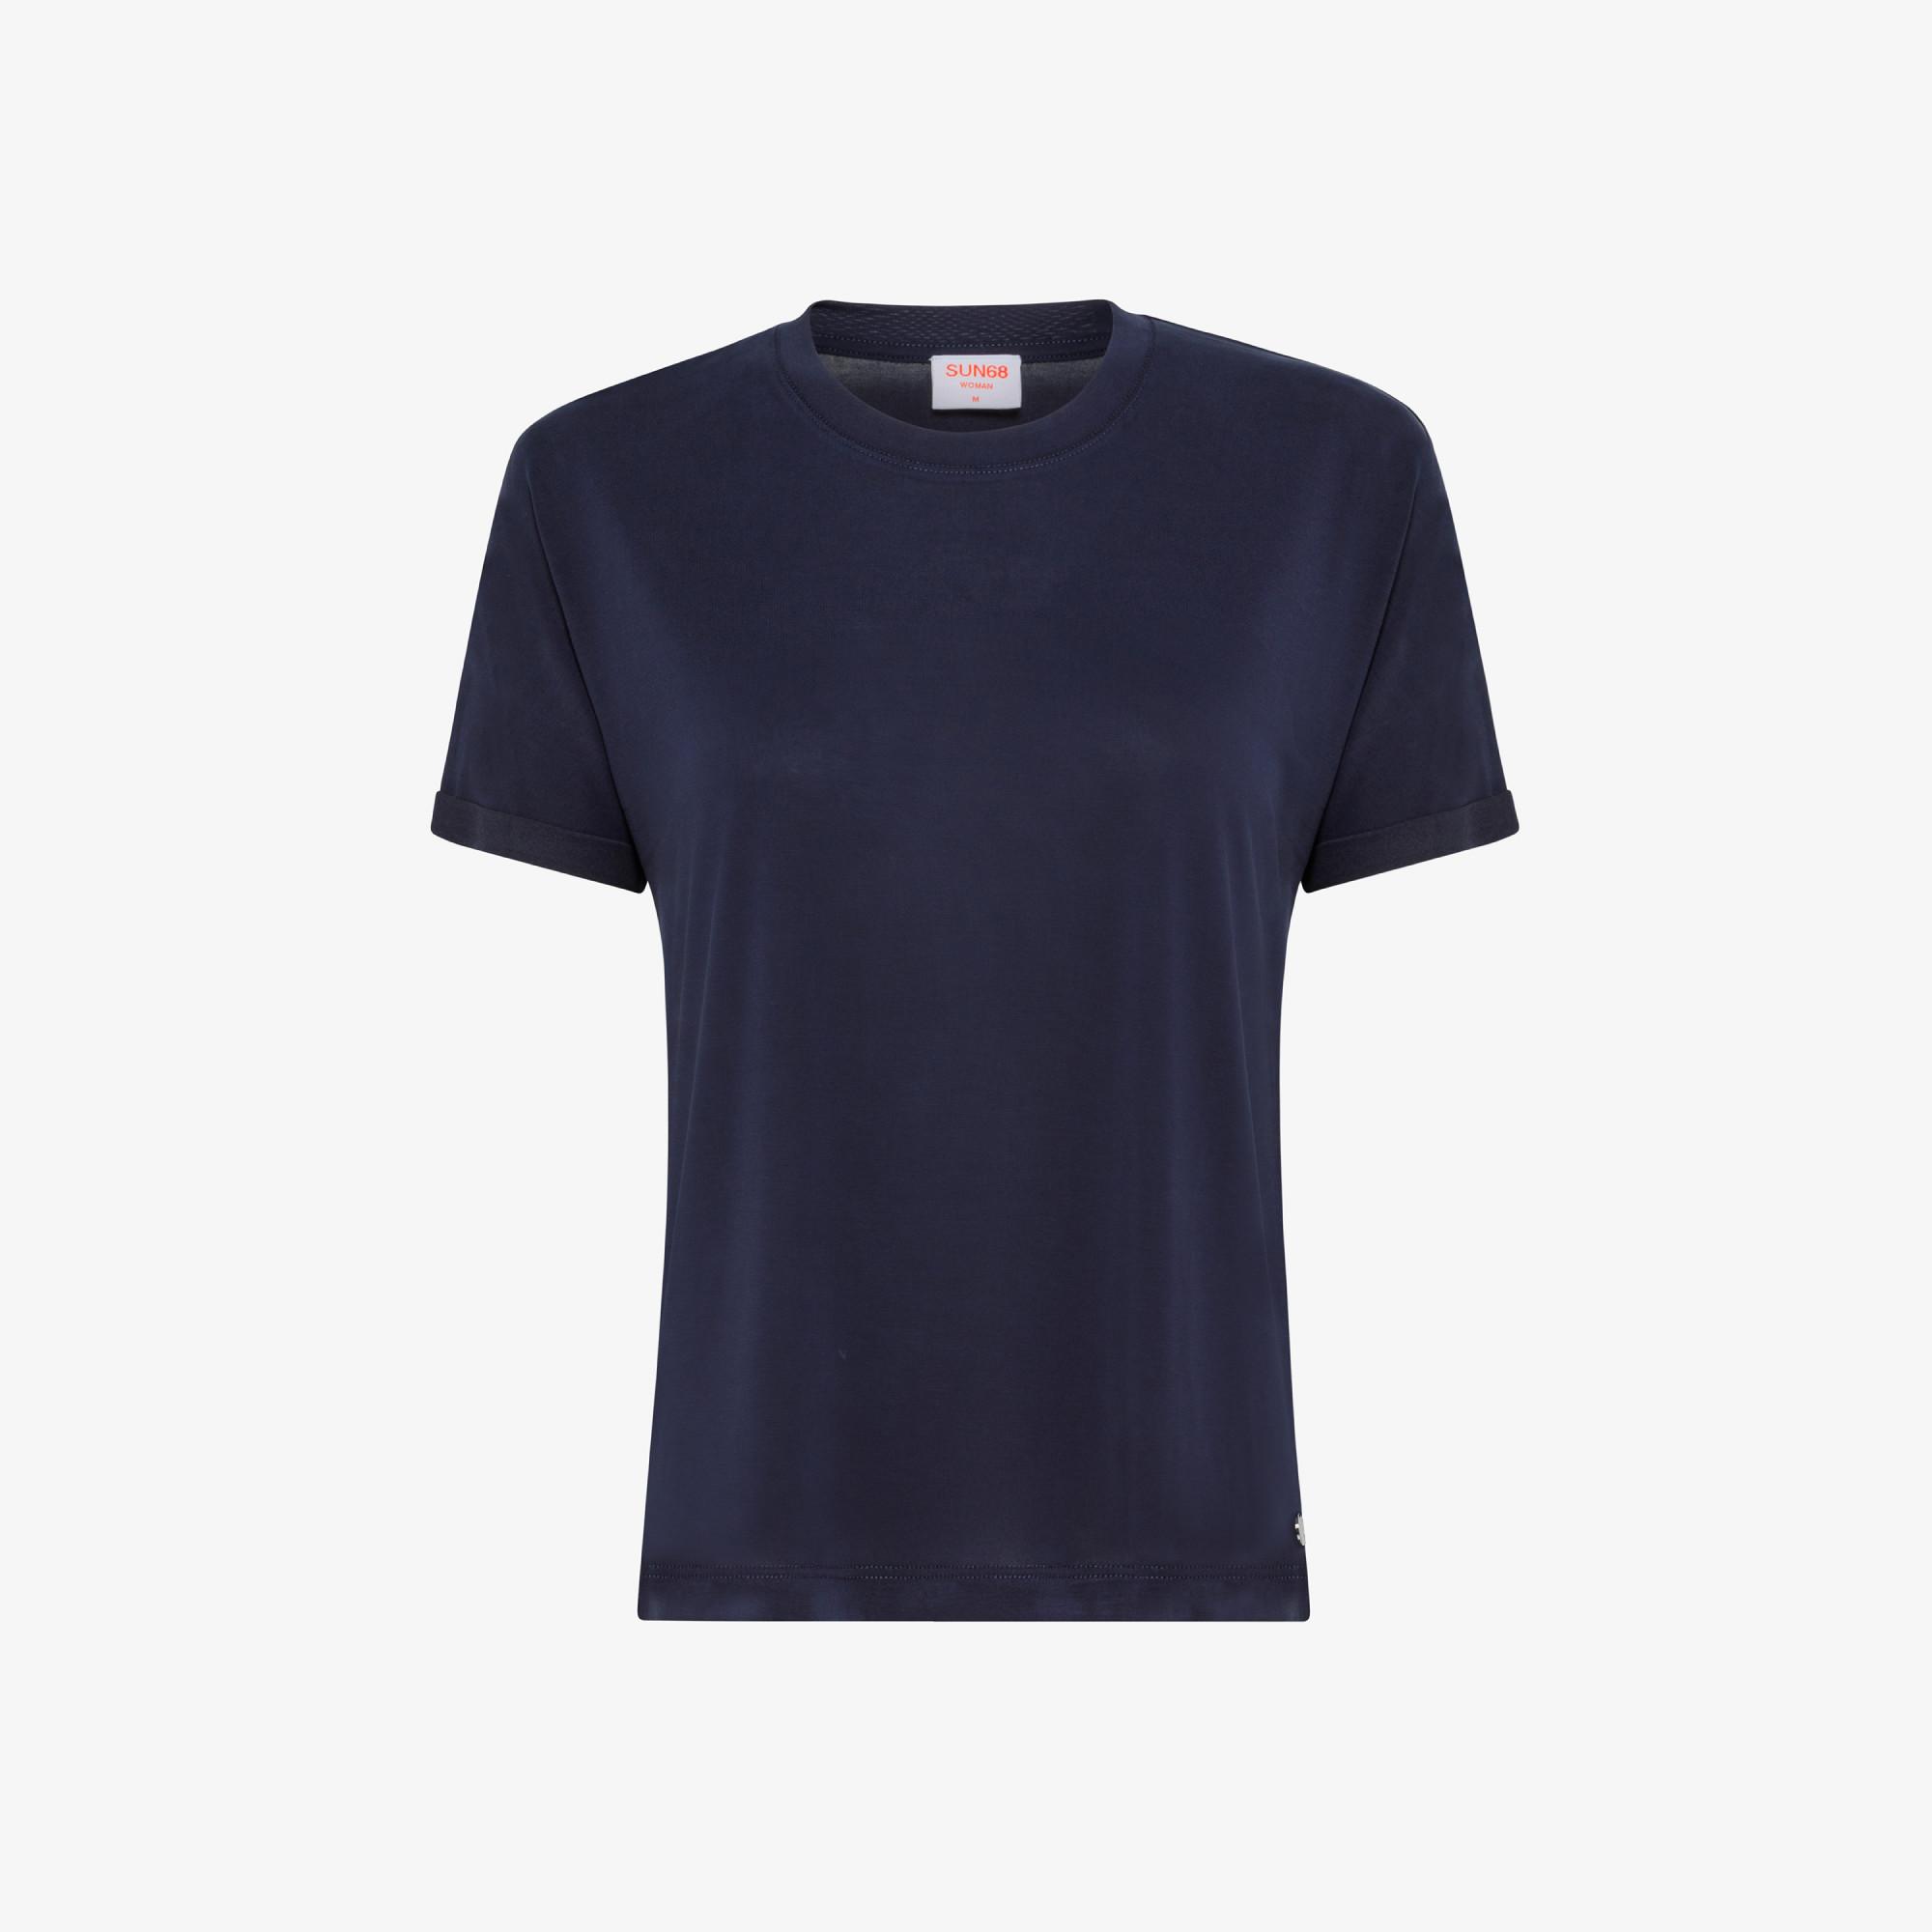 ROUND NECK T-SHIRT SHINY S/S NAVY BLUE